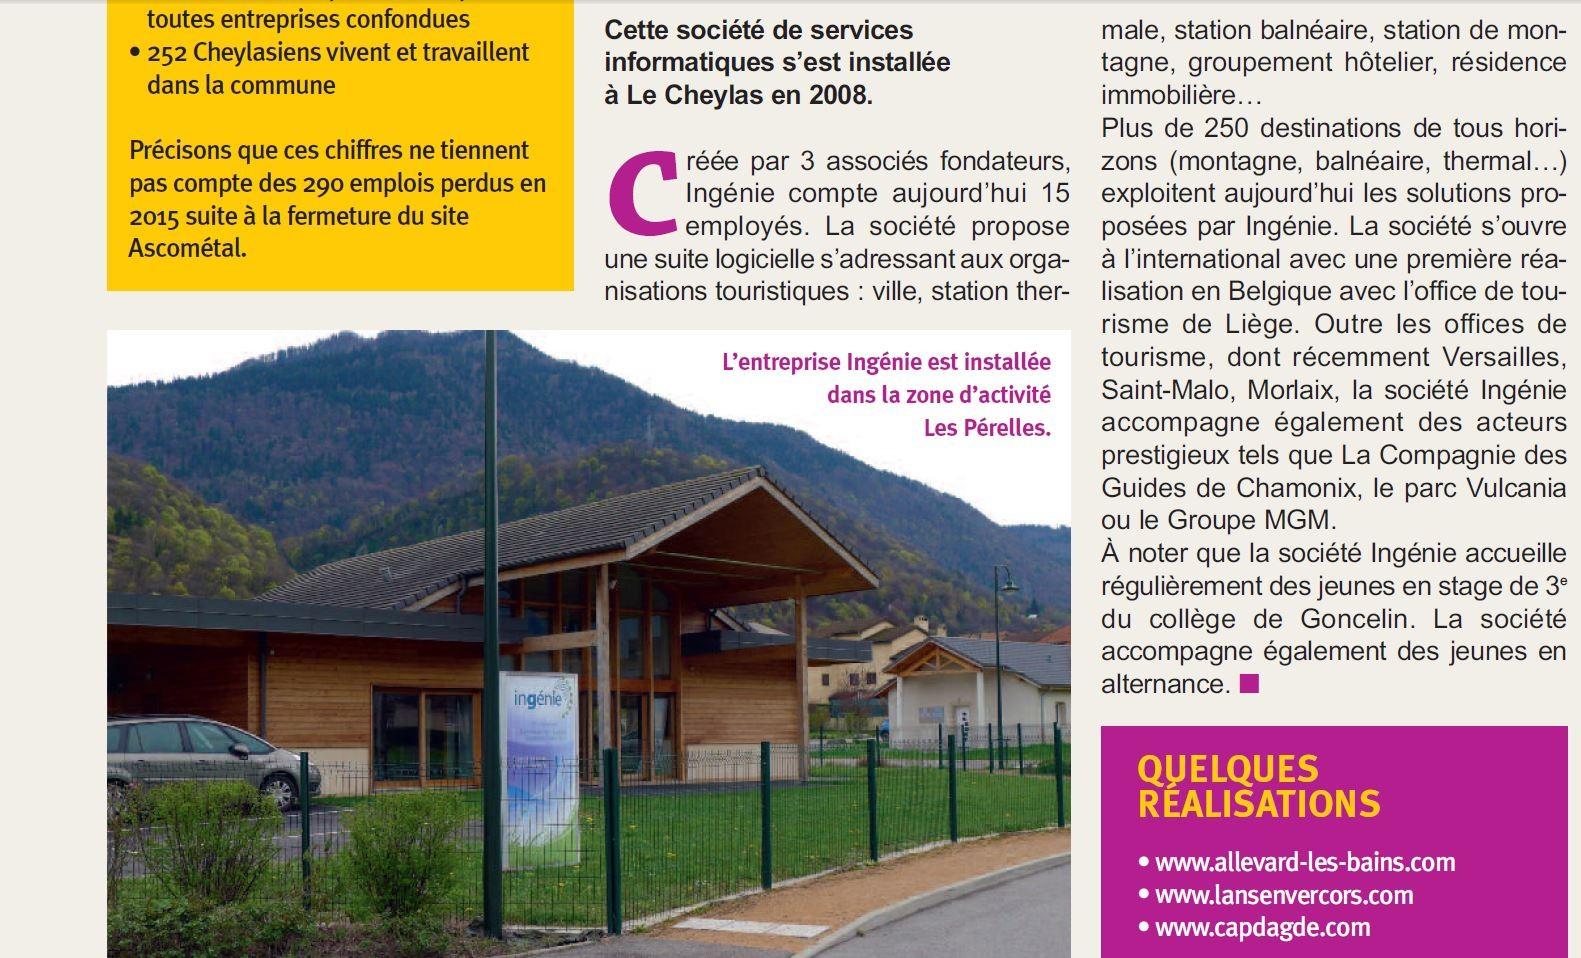 publicationlecheylasmagazinejpg-754